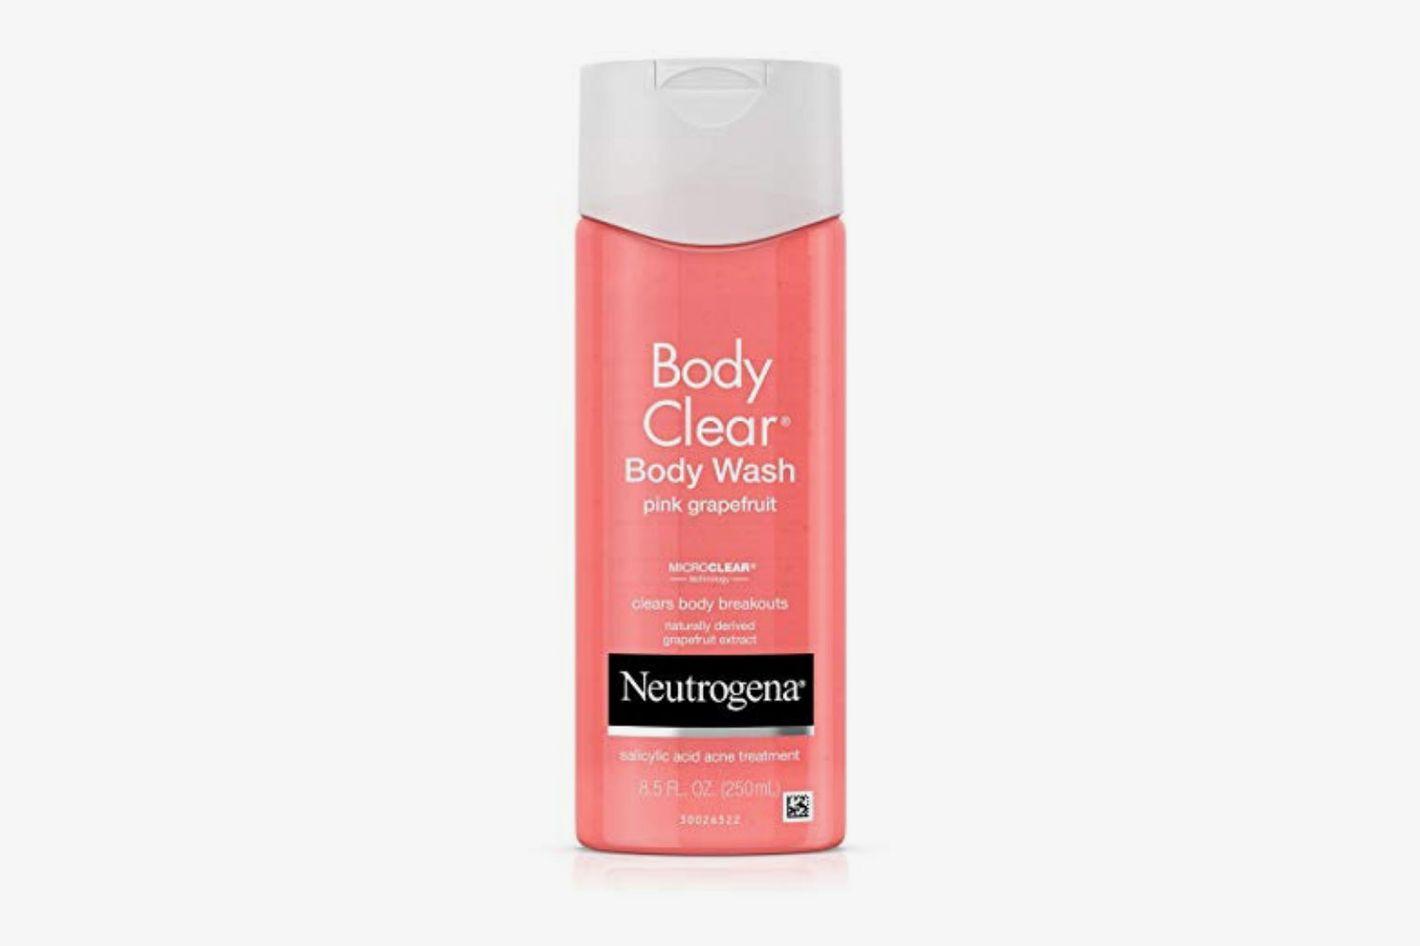 Neutrogena Body Clear Body Wash with Salicylic Acid Acne Treatment (Three-Pack)